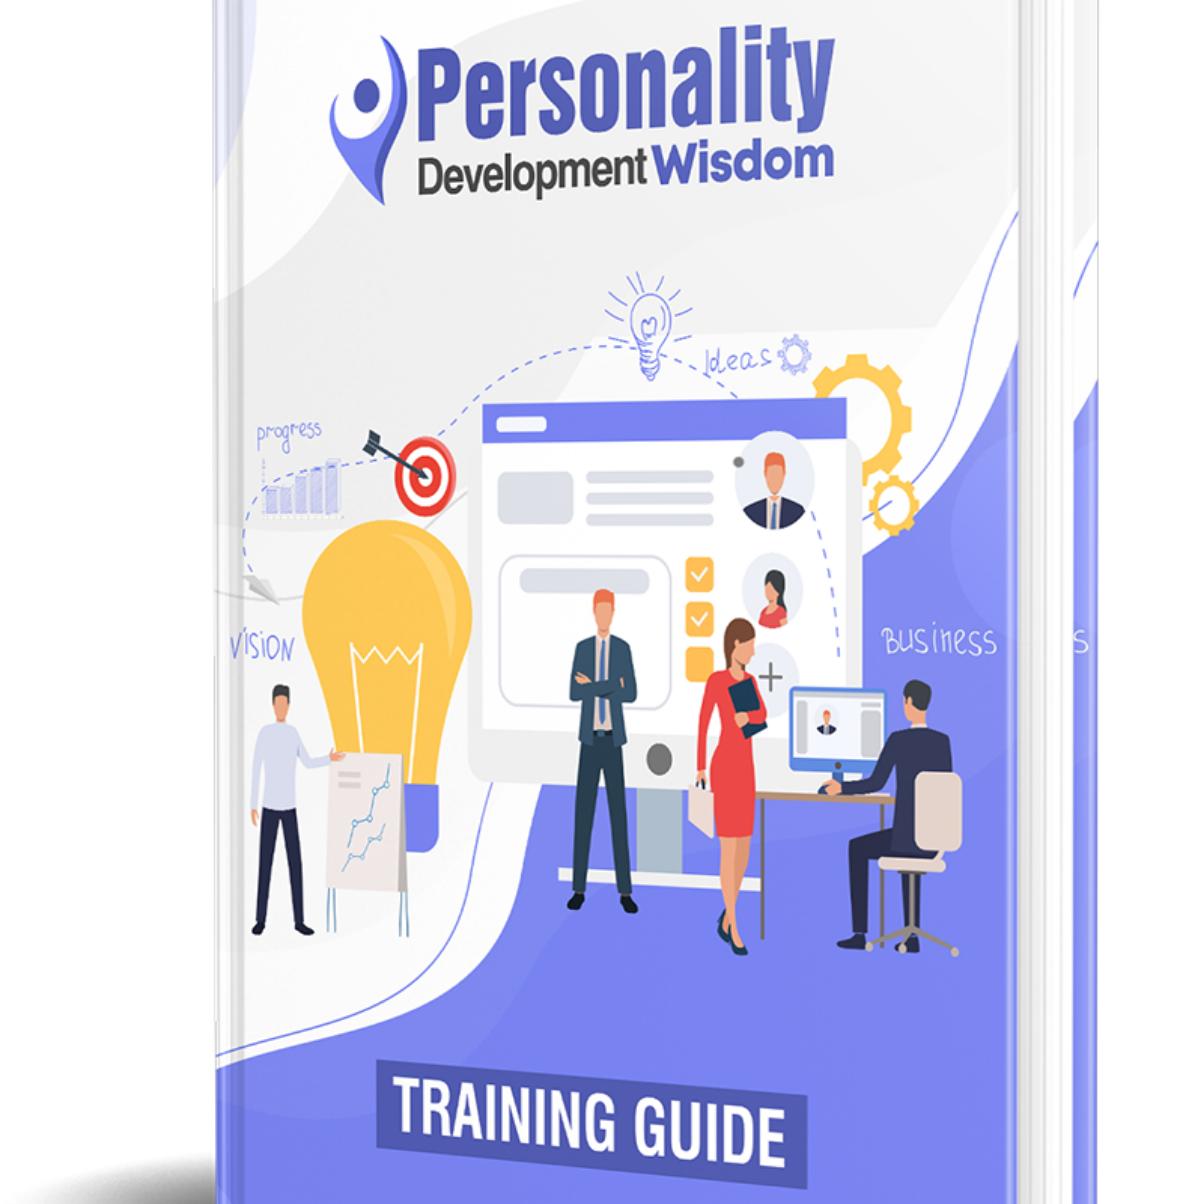 Personality Development Wisdom